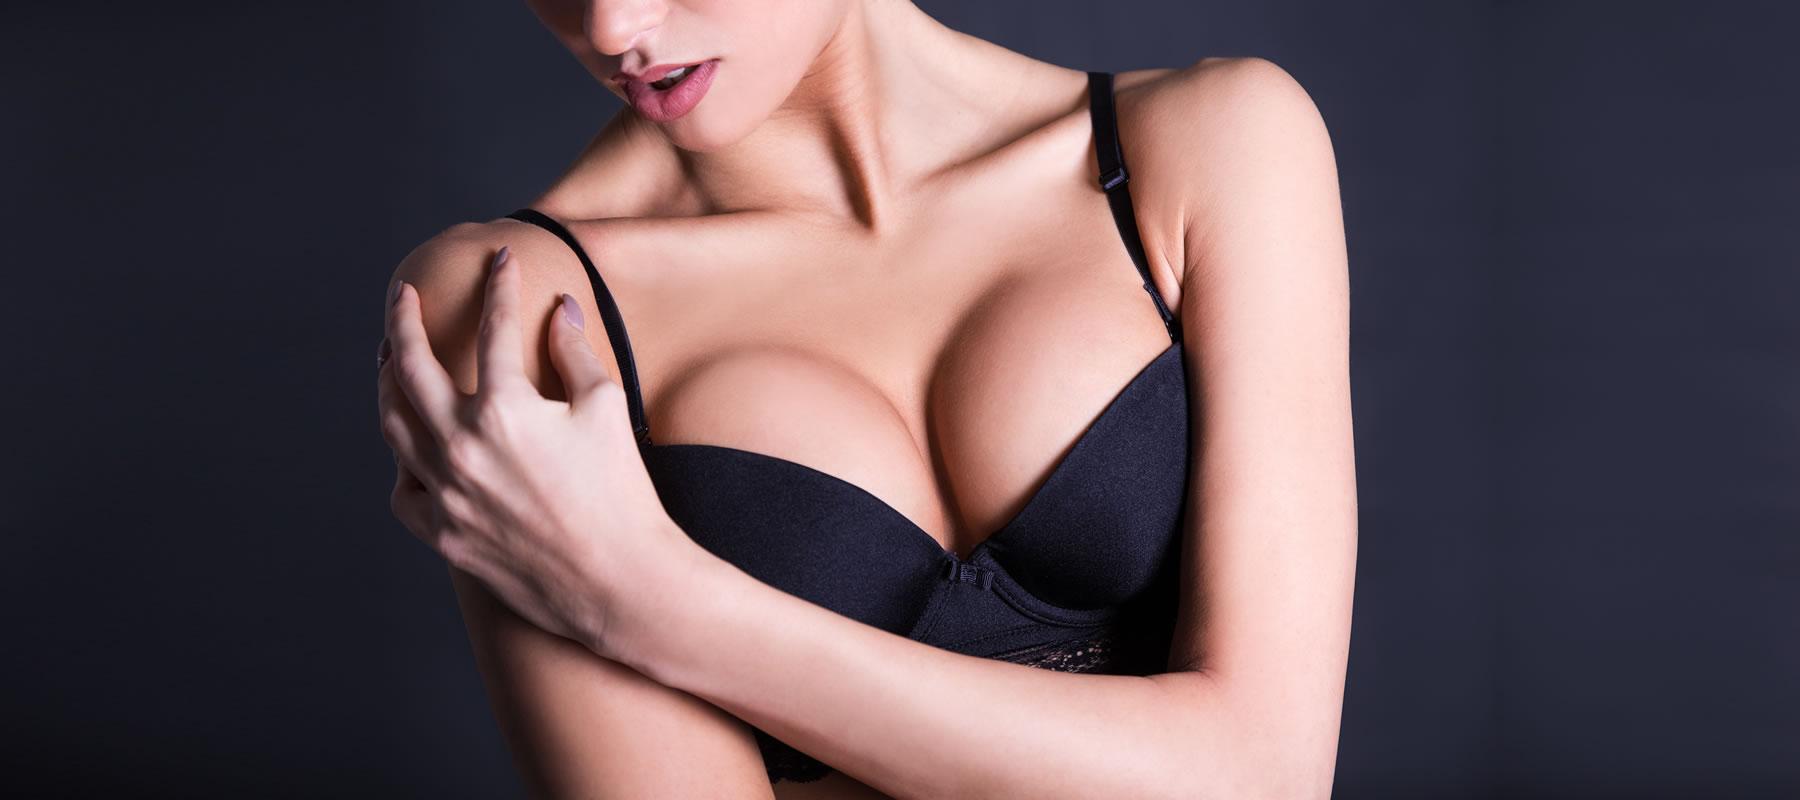 Breast Surgery in Miami Florida